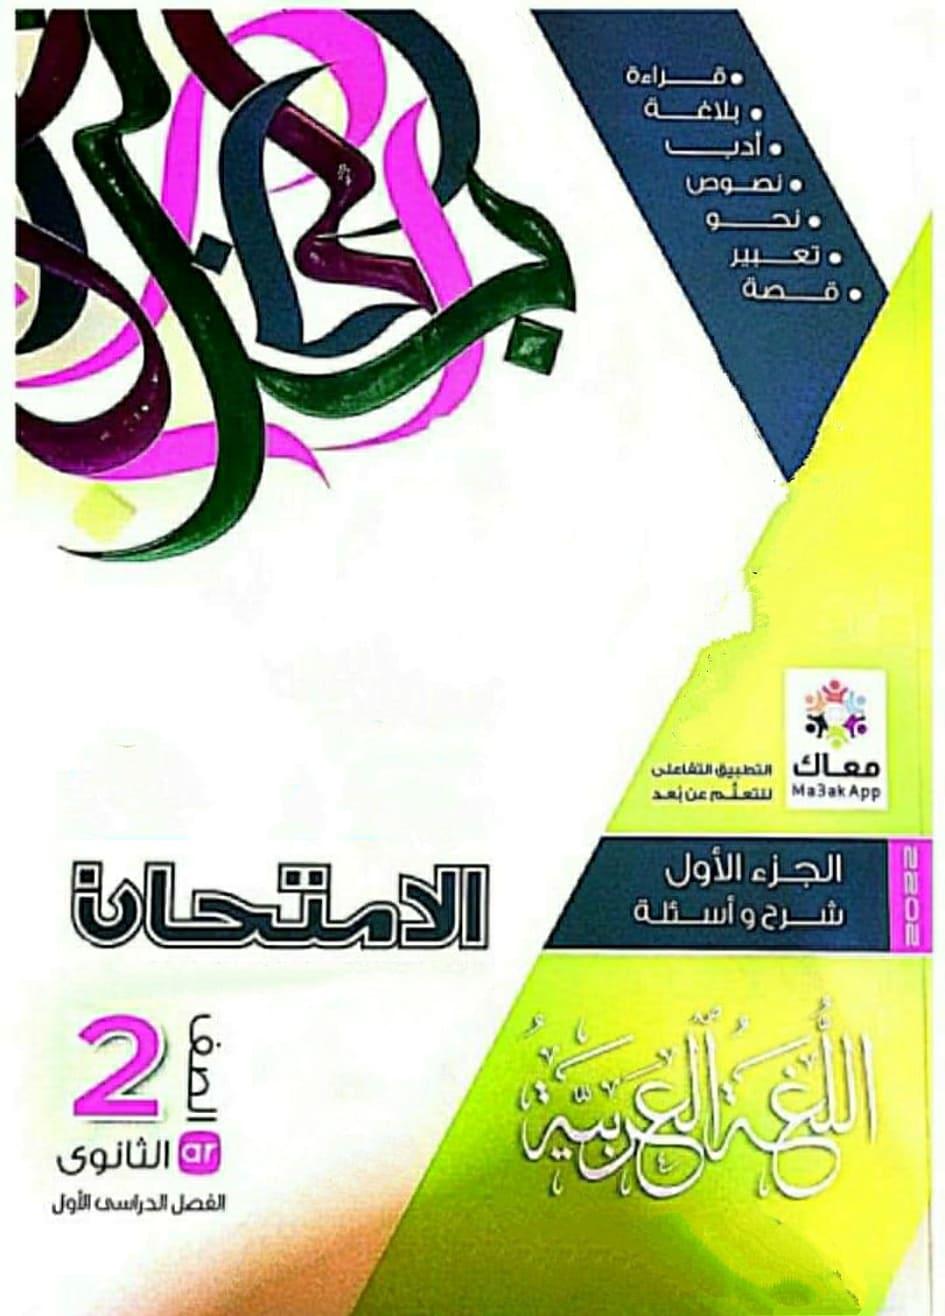 تحميل كتاب الامتحان لغة عربية الجزء الاول pdf للصف الثانى الثانوي الترم الاول 2022 (النسخة الجديدة )